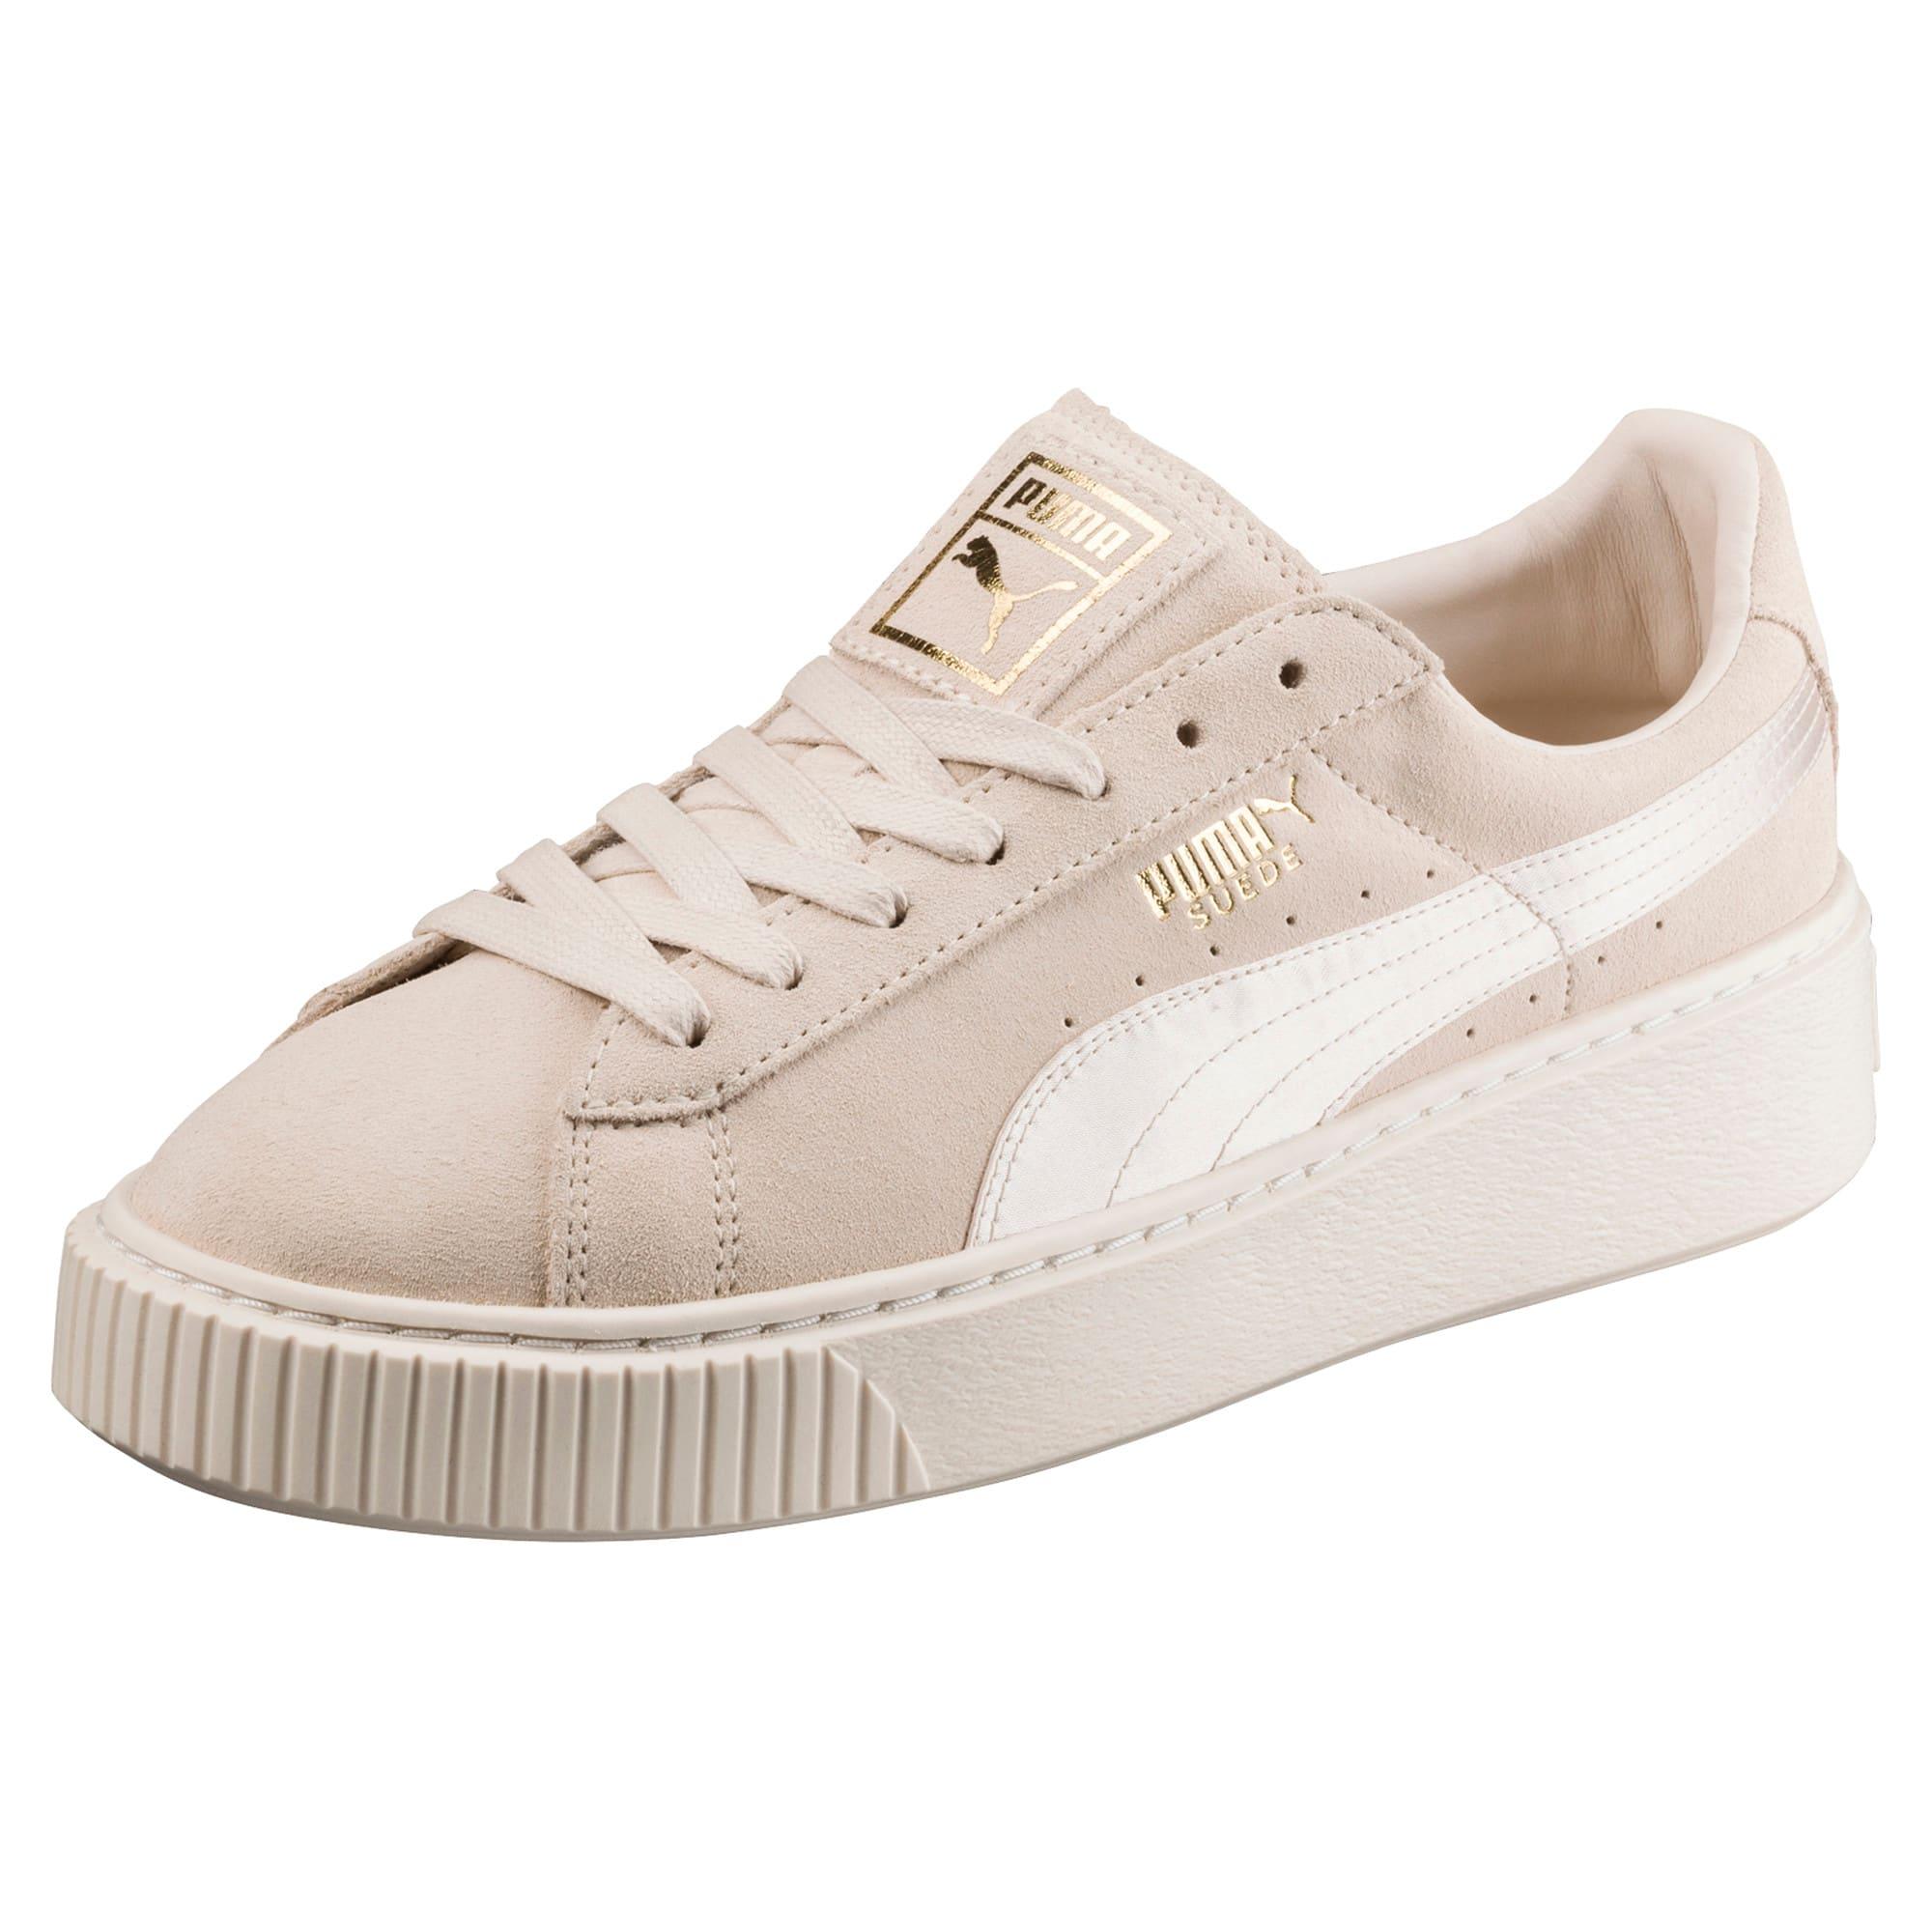 Thumbnail 1 of Suede Summer Satin Platform Sneakers, Pink Tint-Whisper White-Gold, medium